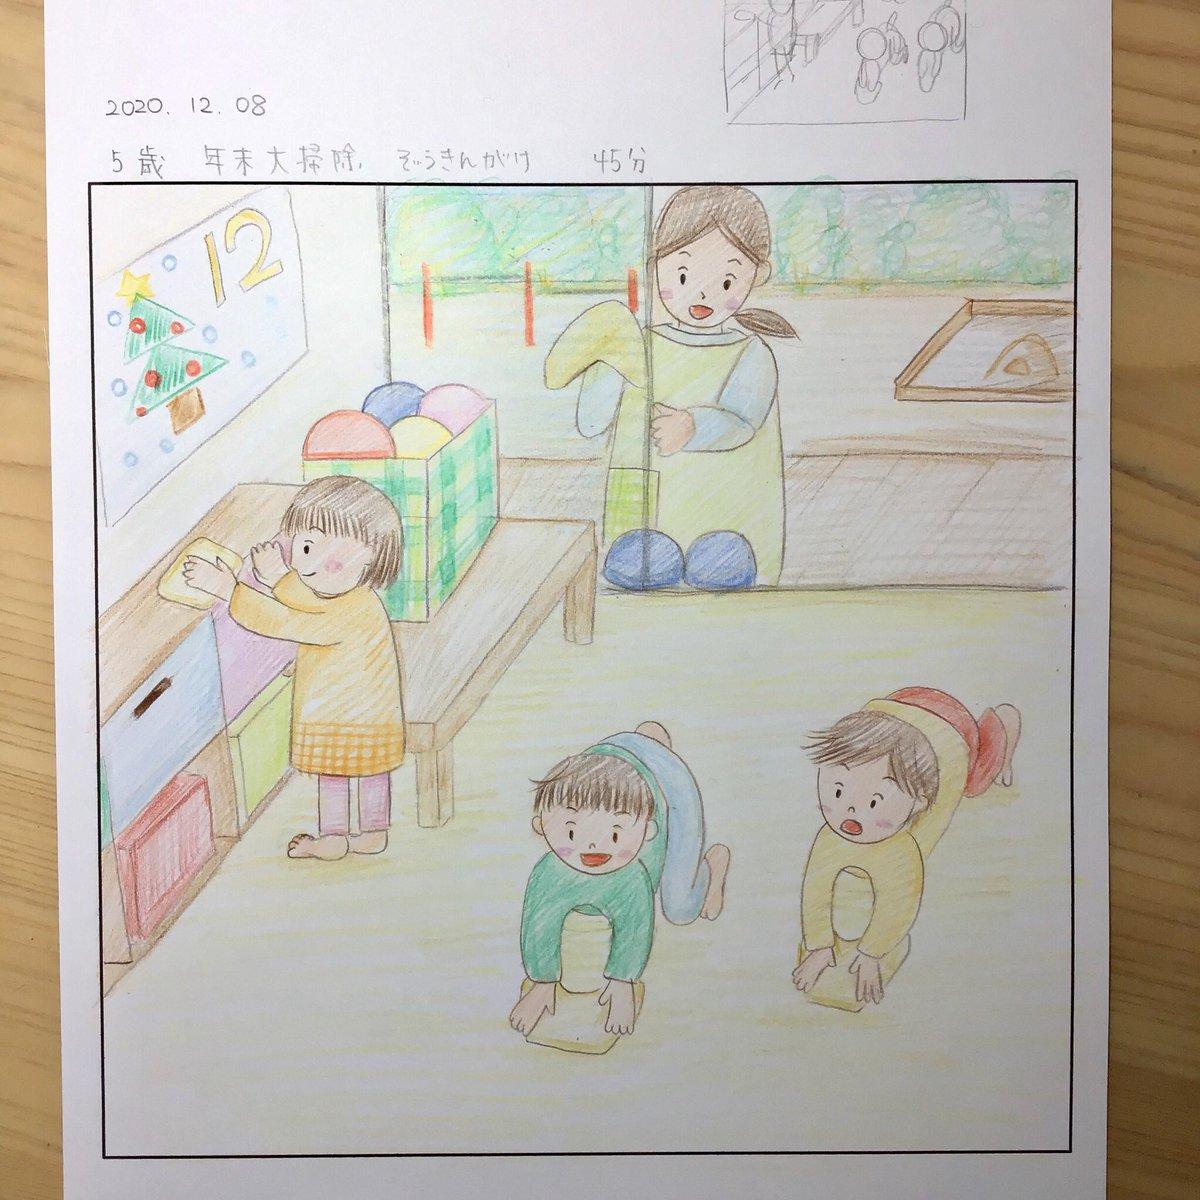 造形 問 過去 試験 士 保育 保育士試験絵画の過去問を紹介します。